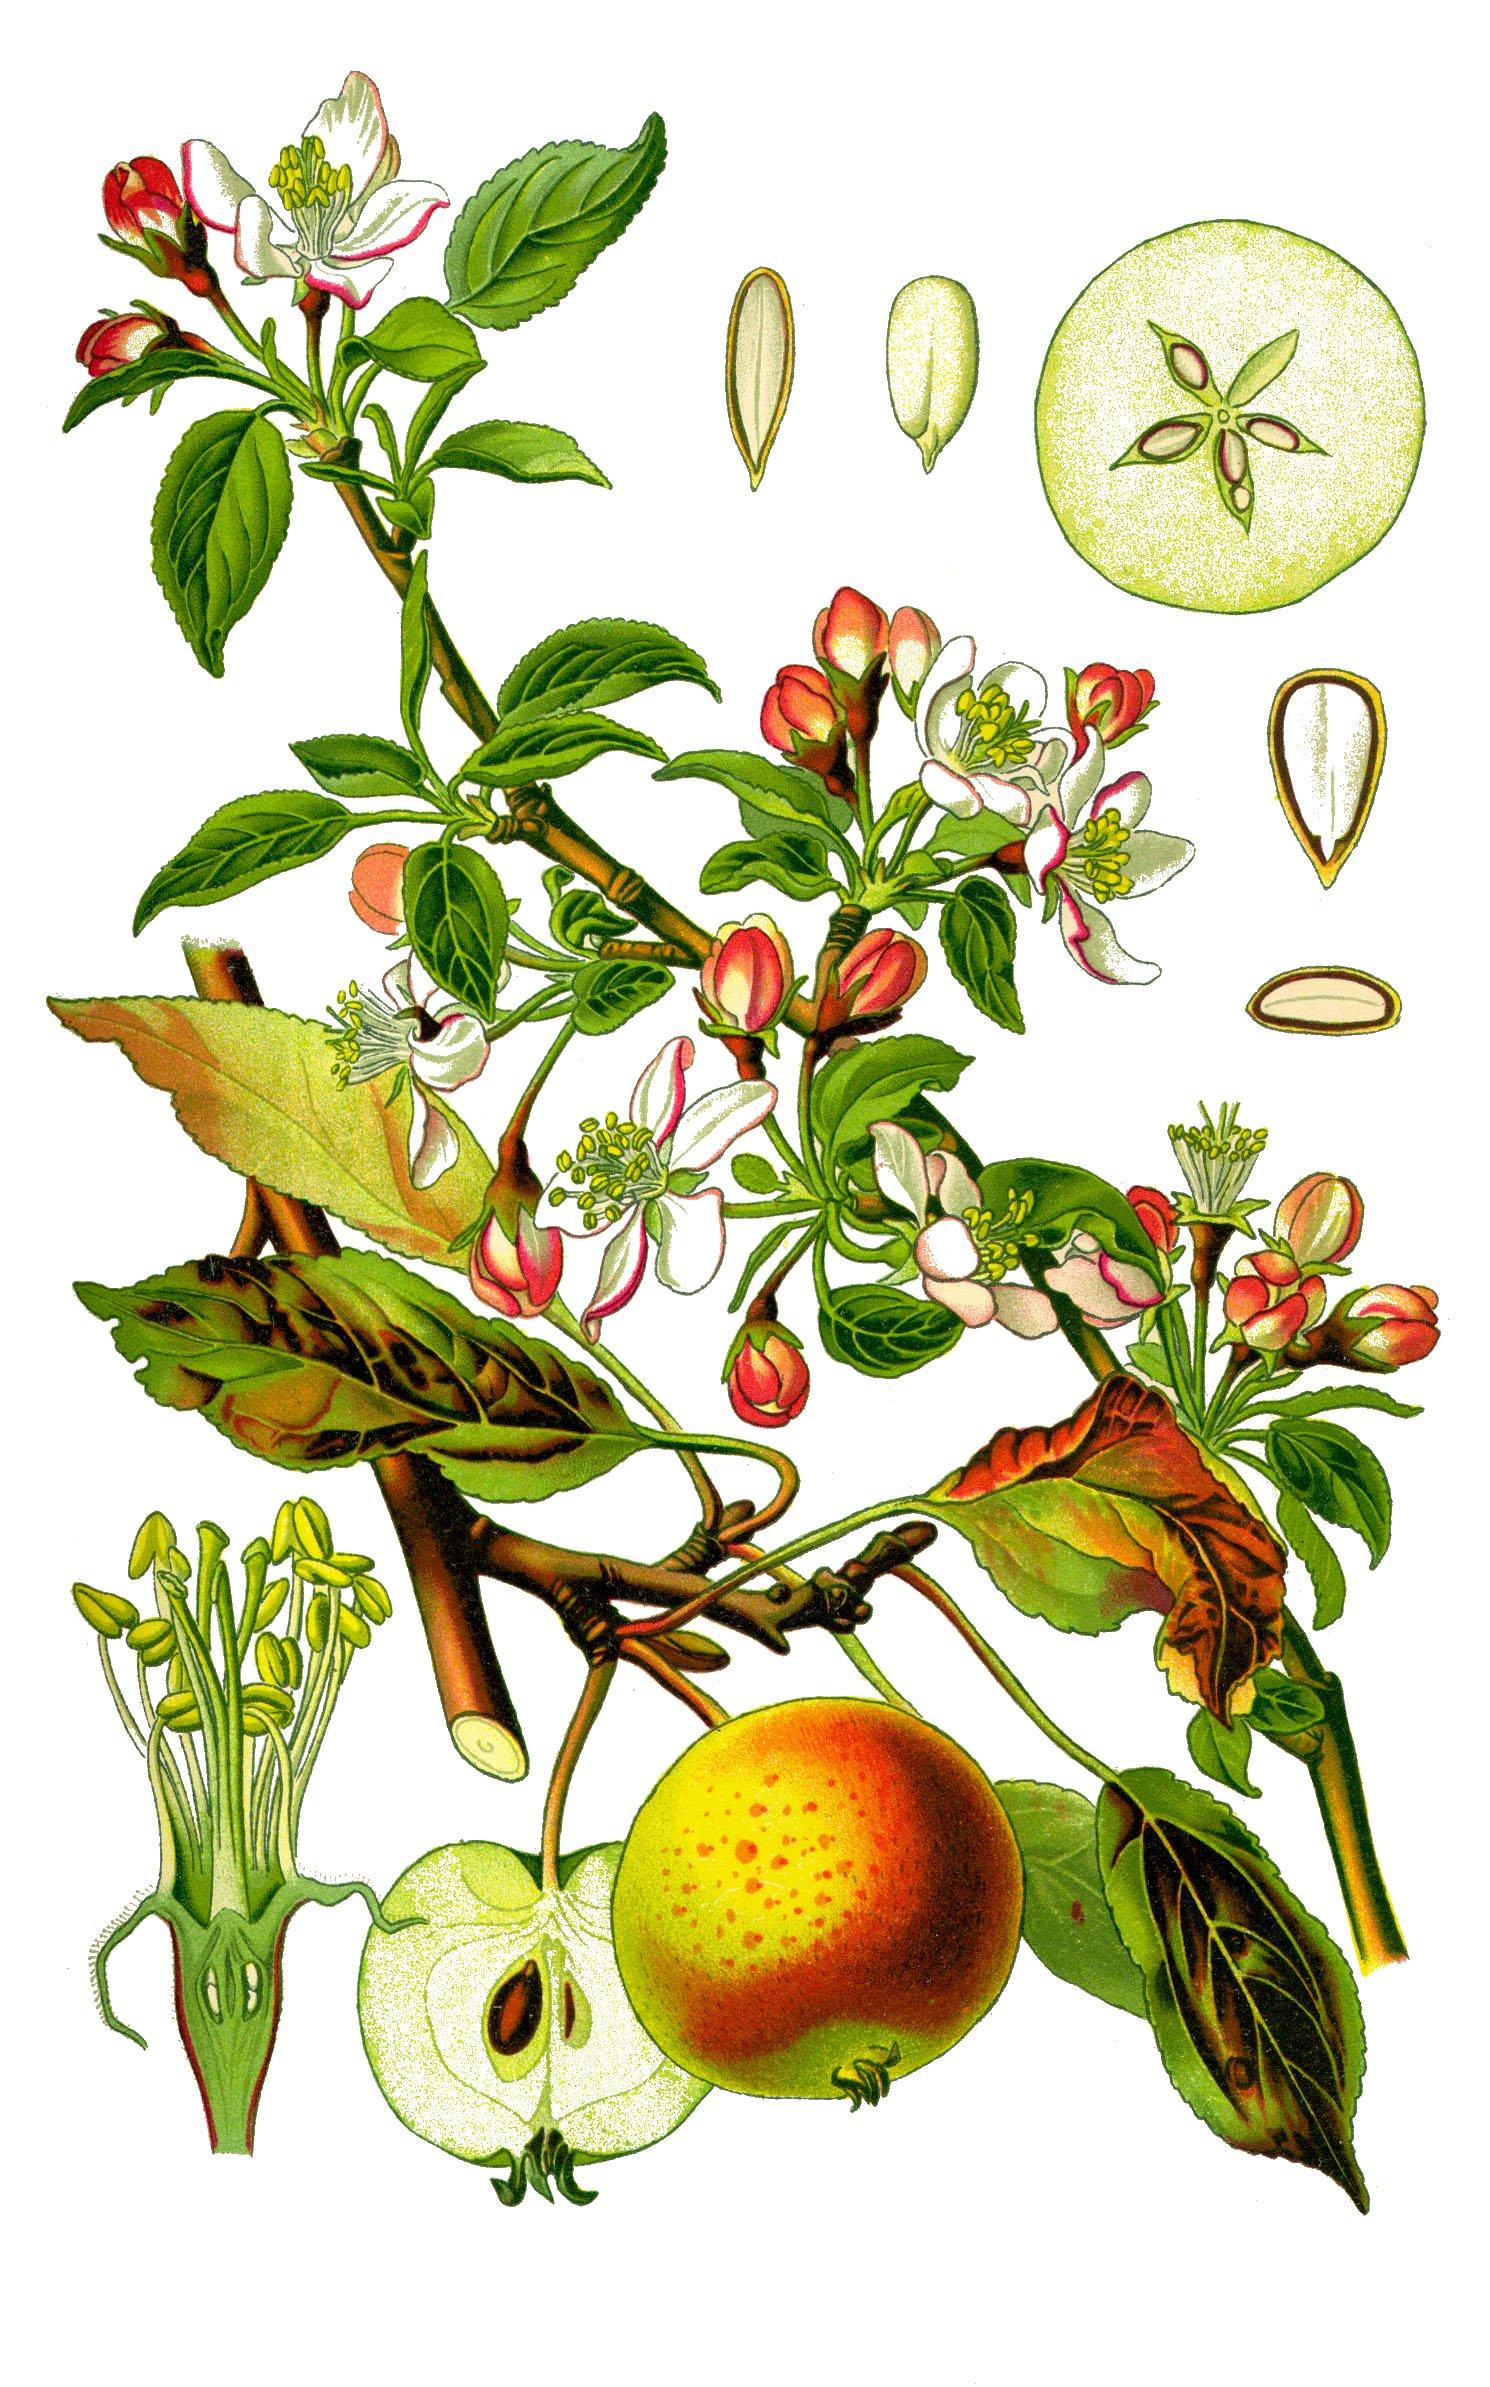 Viljelty omenapuu